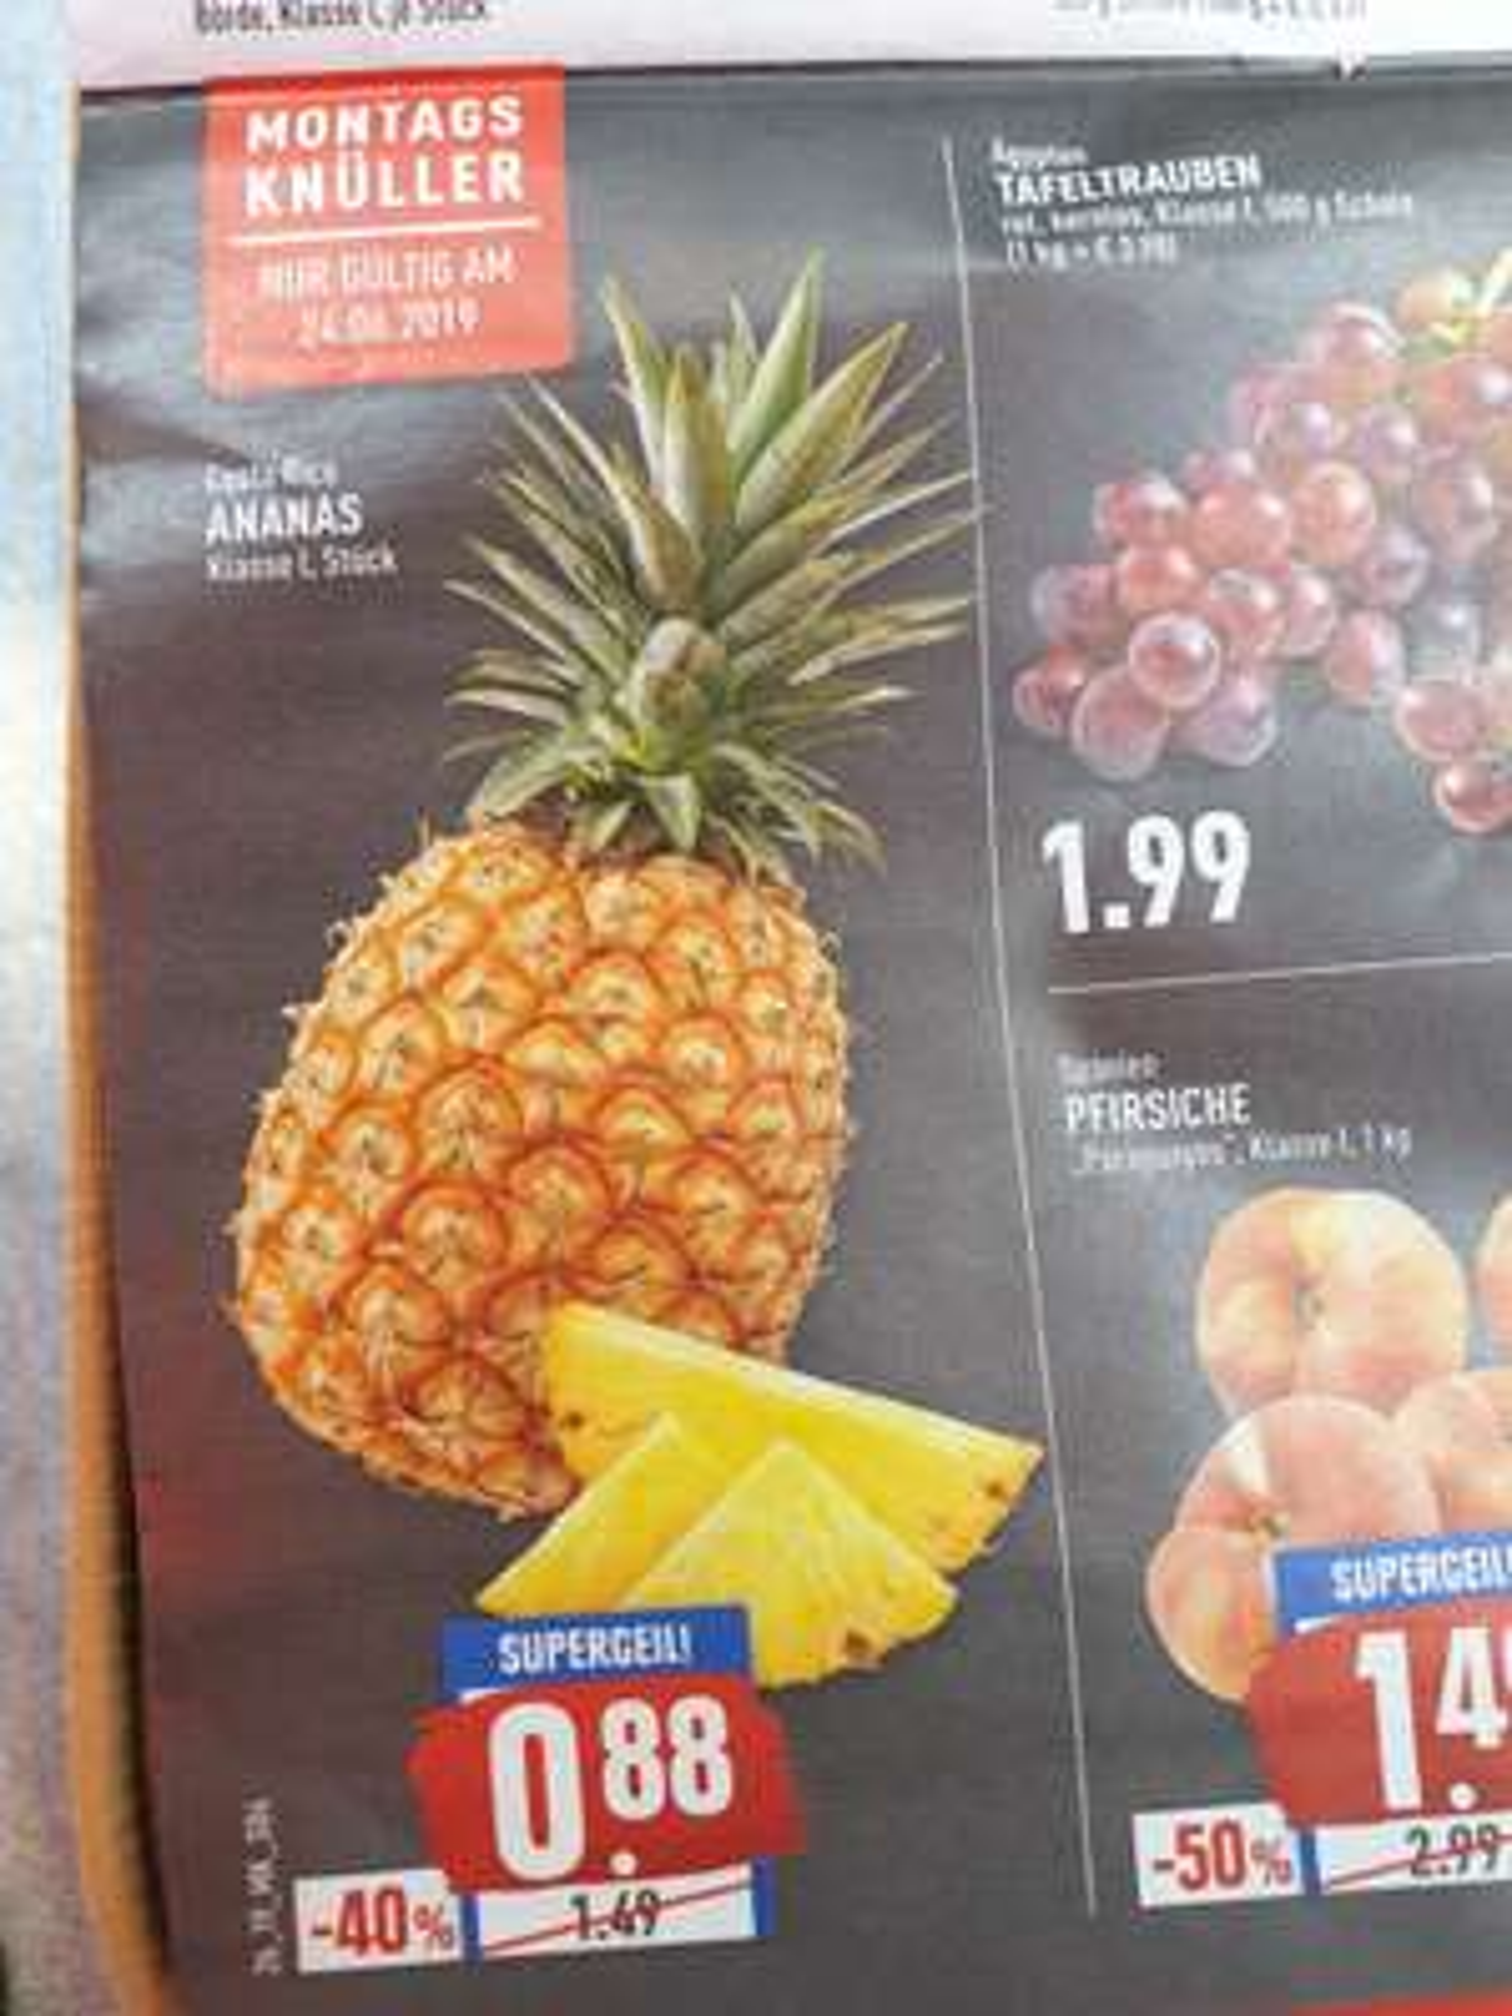 Ananas für 0,88€, nur am Montag 24.06 Marktkauf (Rhein-Ruhr)